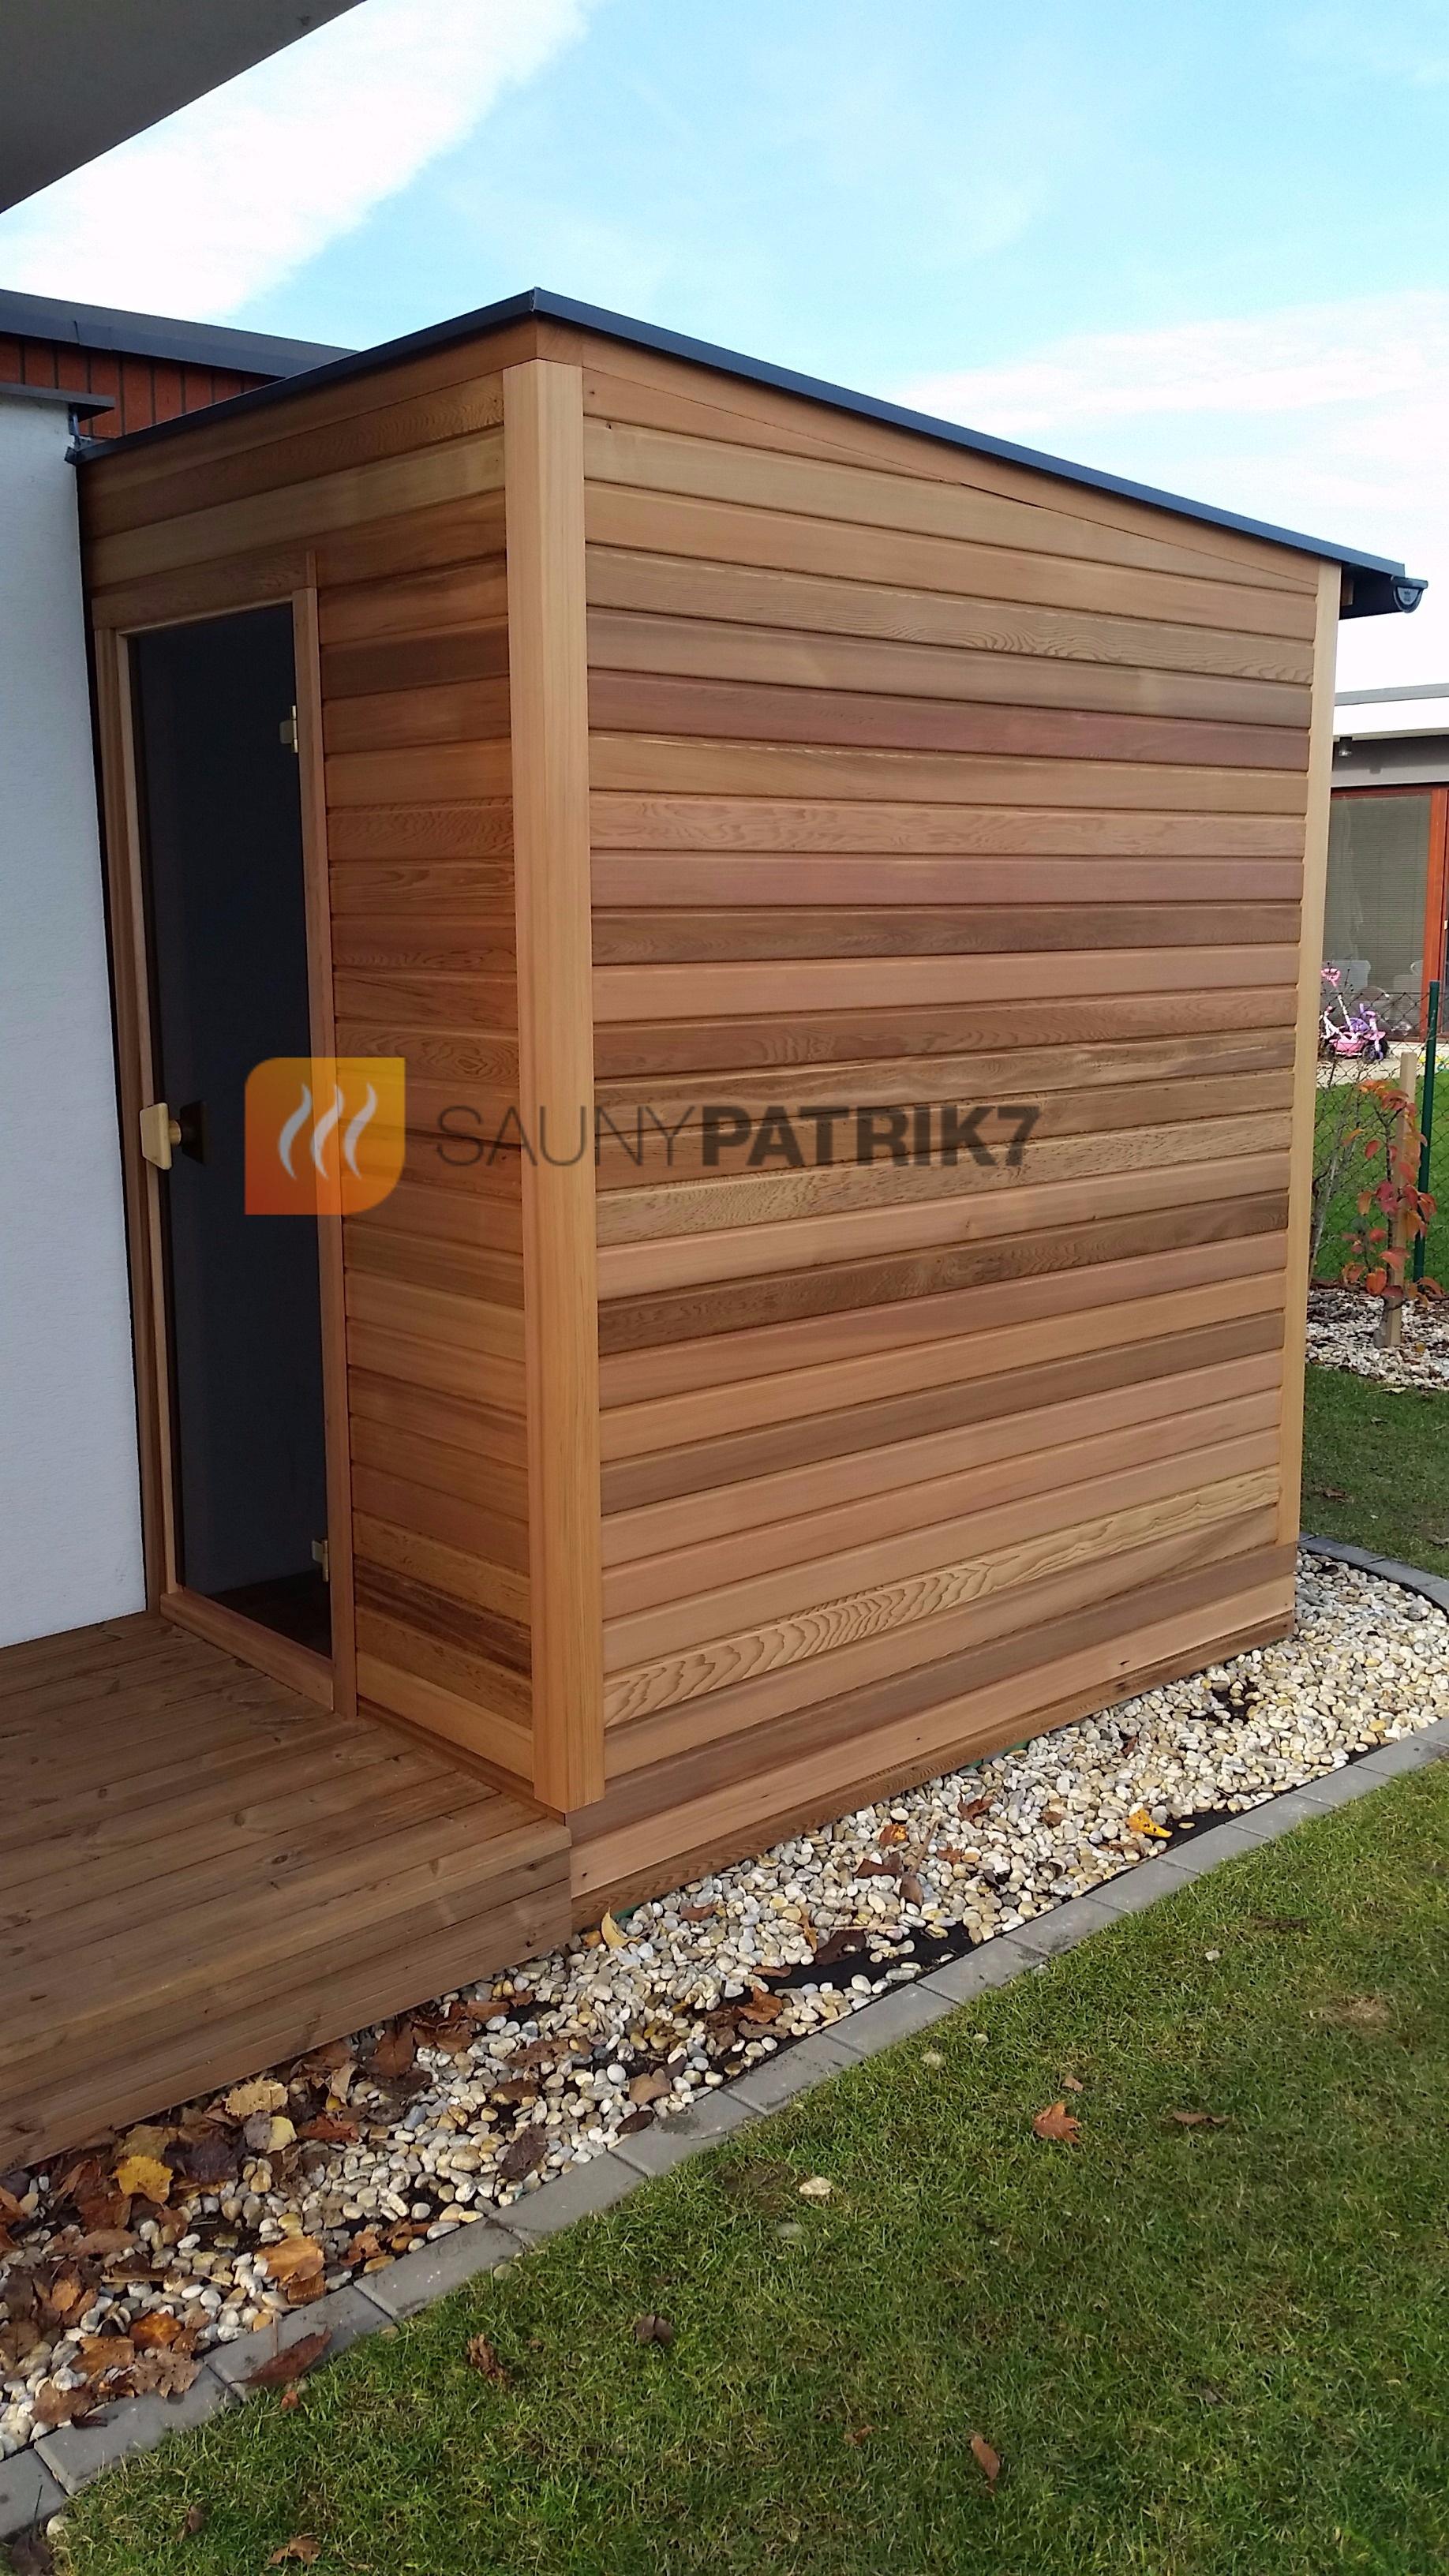 sauna exterier - Sauny Patrik 7